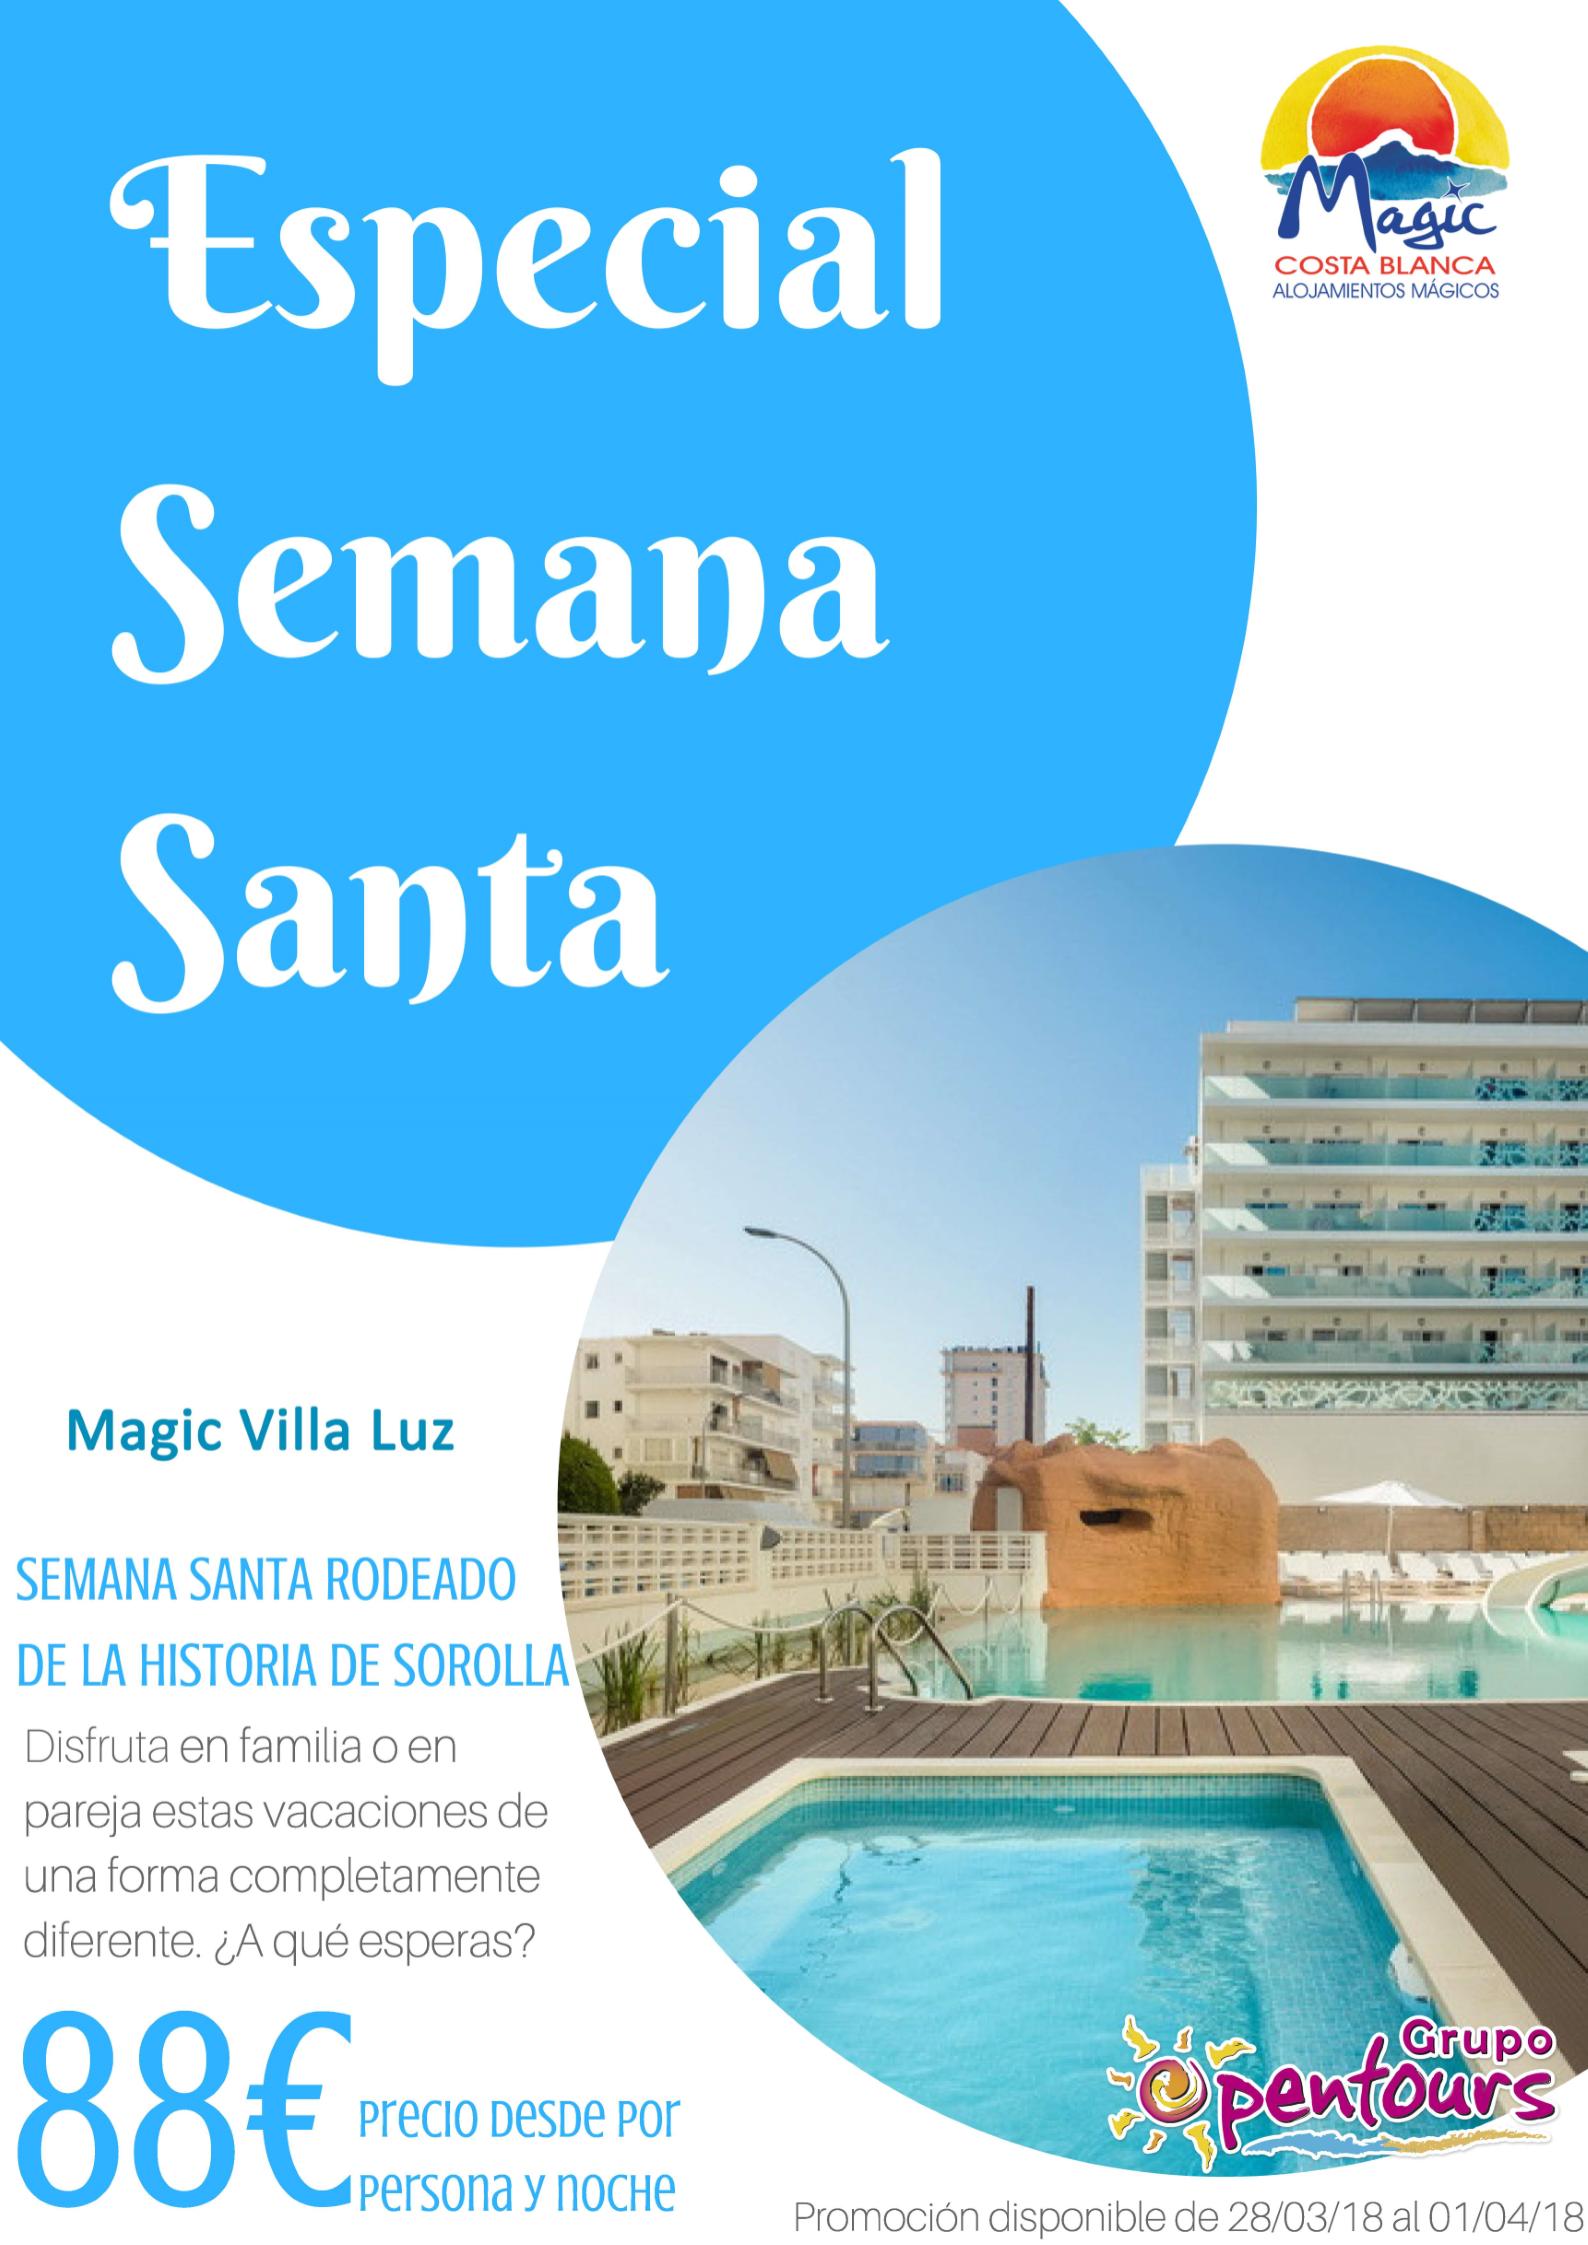 Grupo Opentours Villa Luz Family Gourmet All Exclusive Hotel Playa De Gandía Valencia España Especial Ofertas De Viajes Viajes Vacaciones